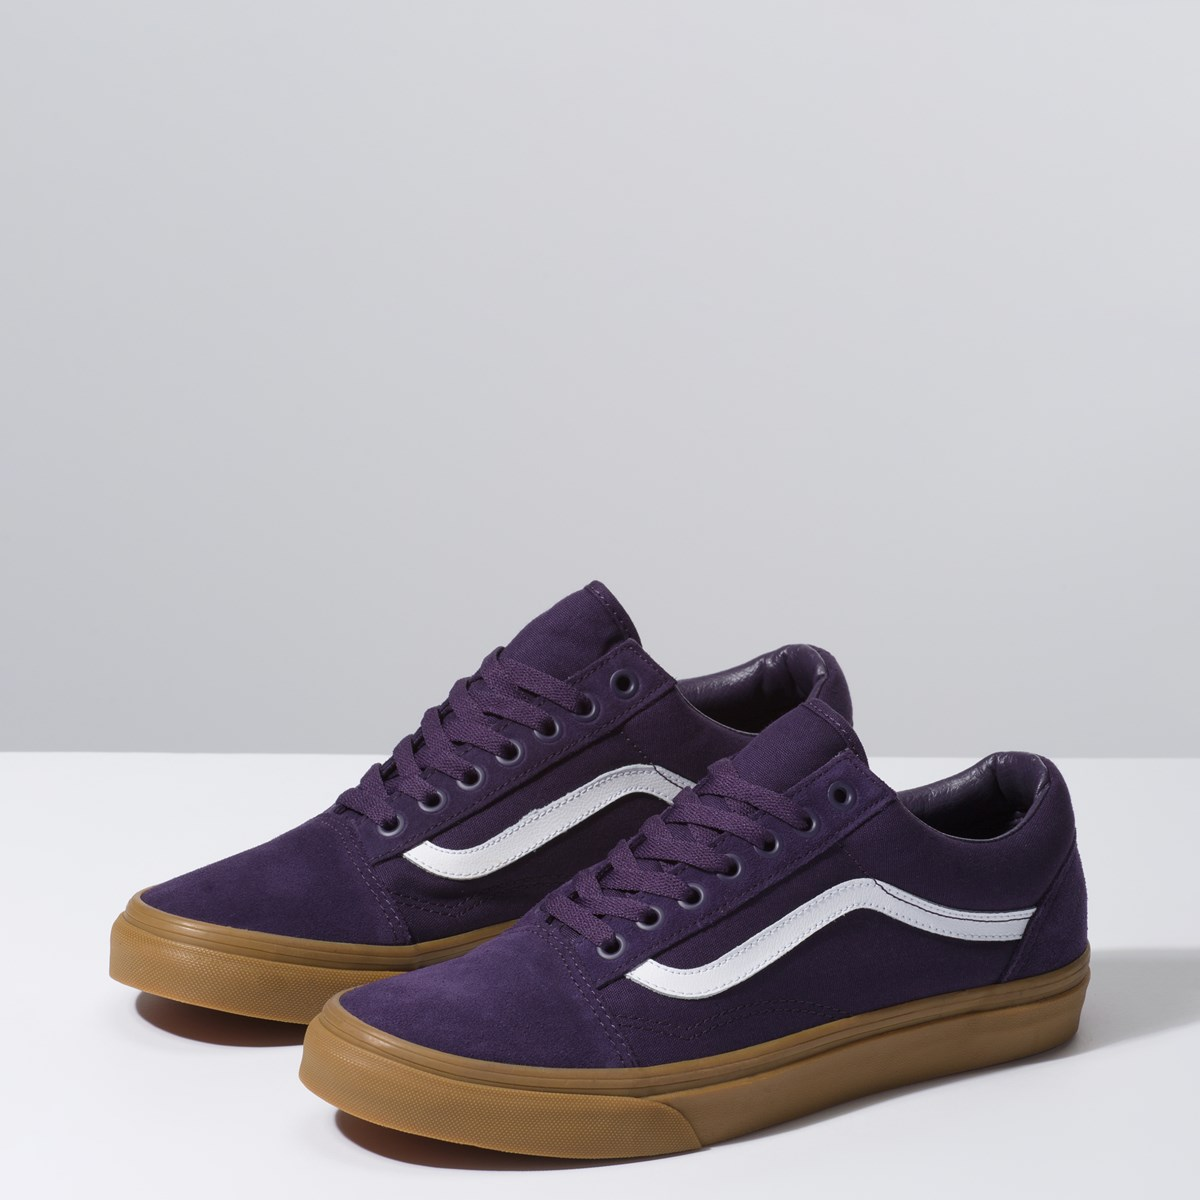 Men's Old Skool Sneaker in Purple